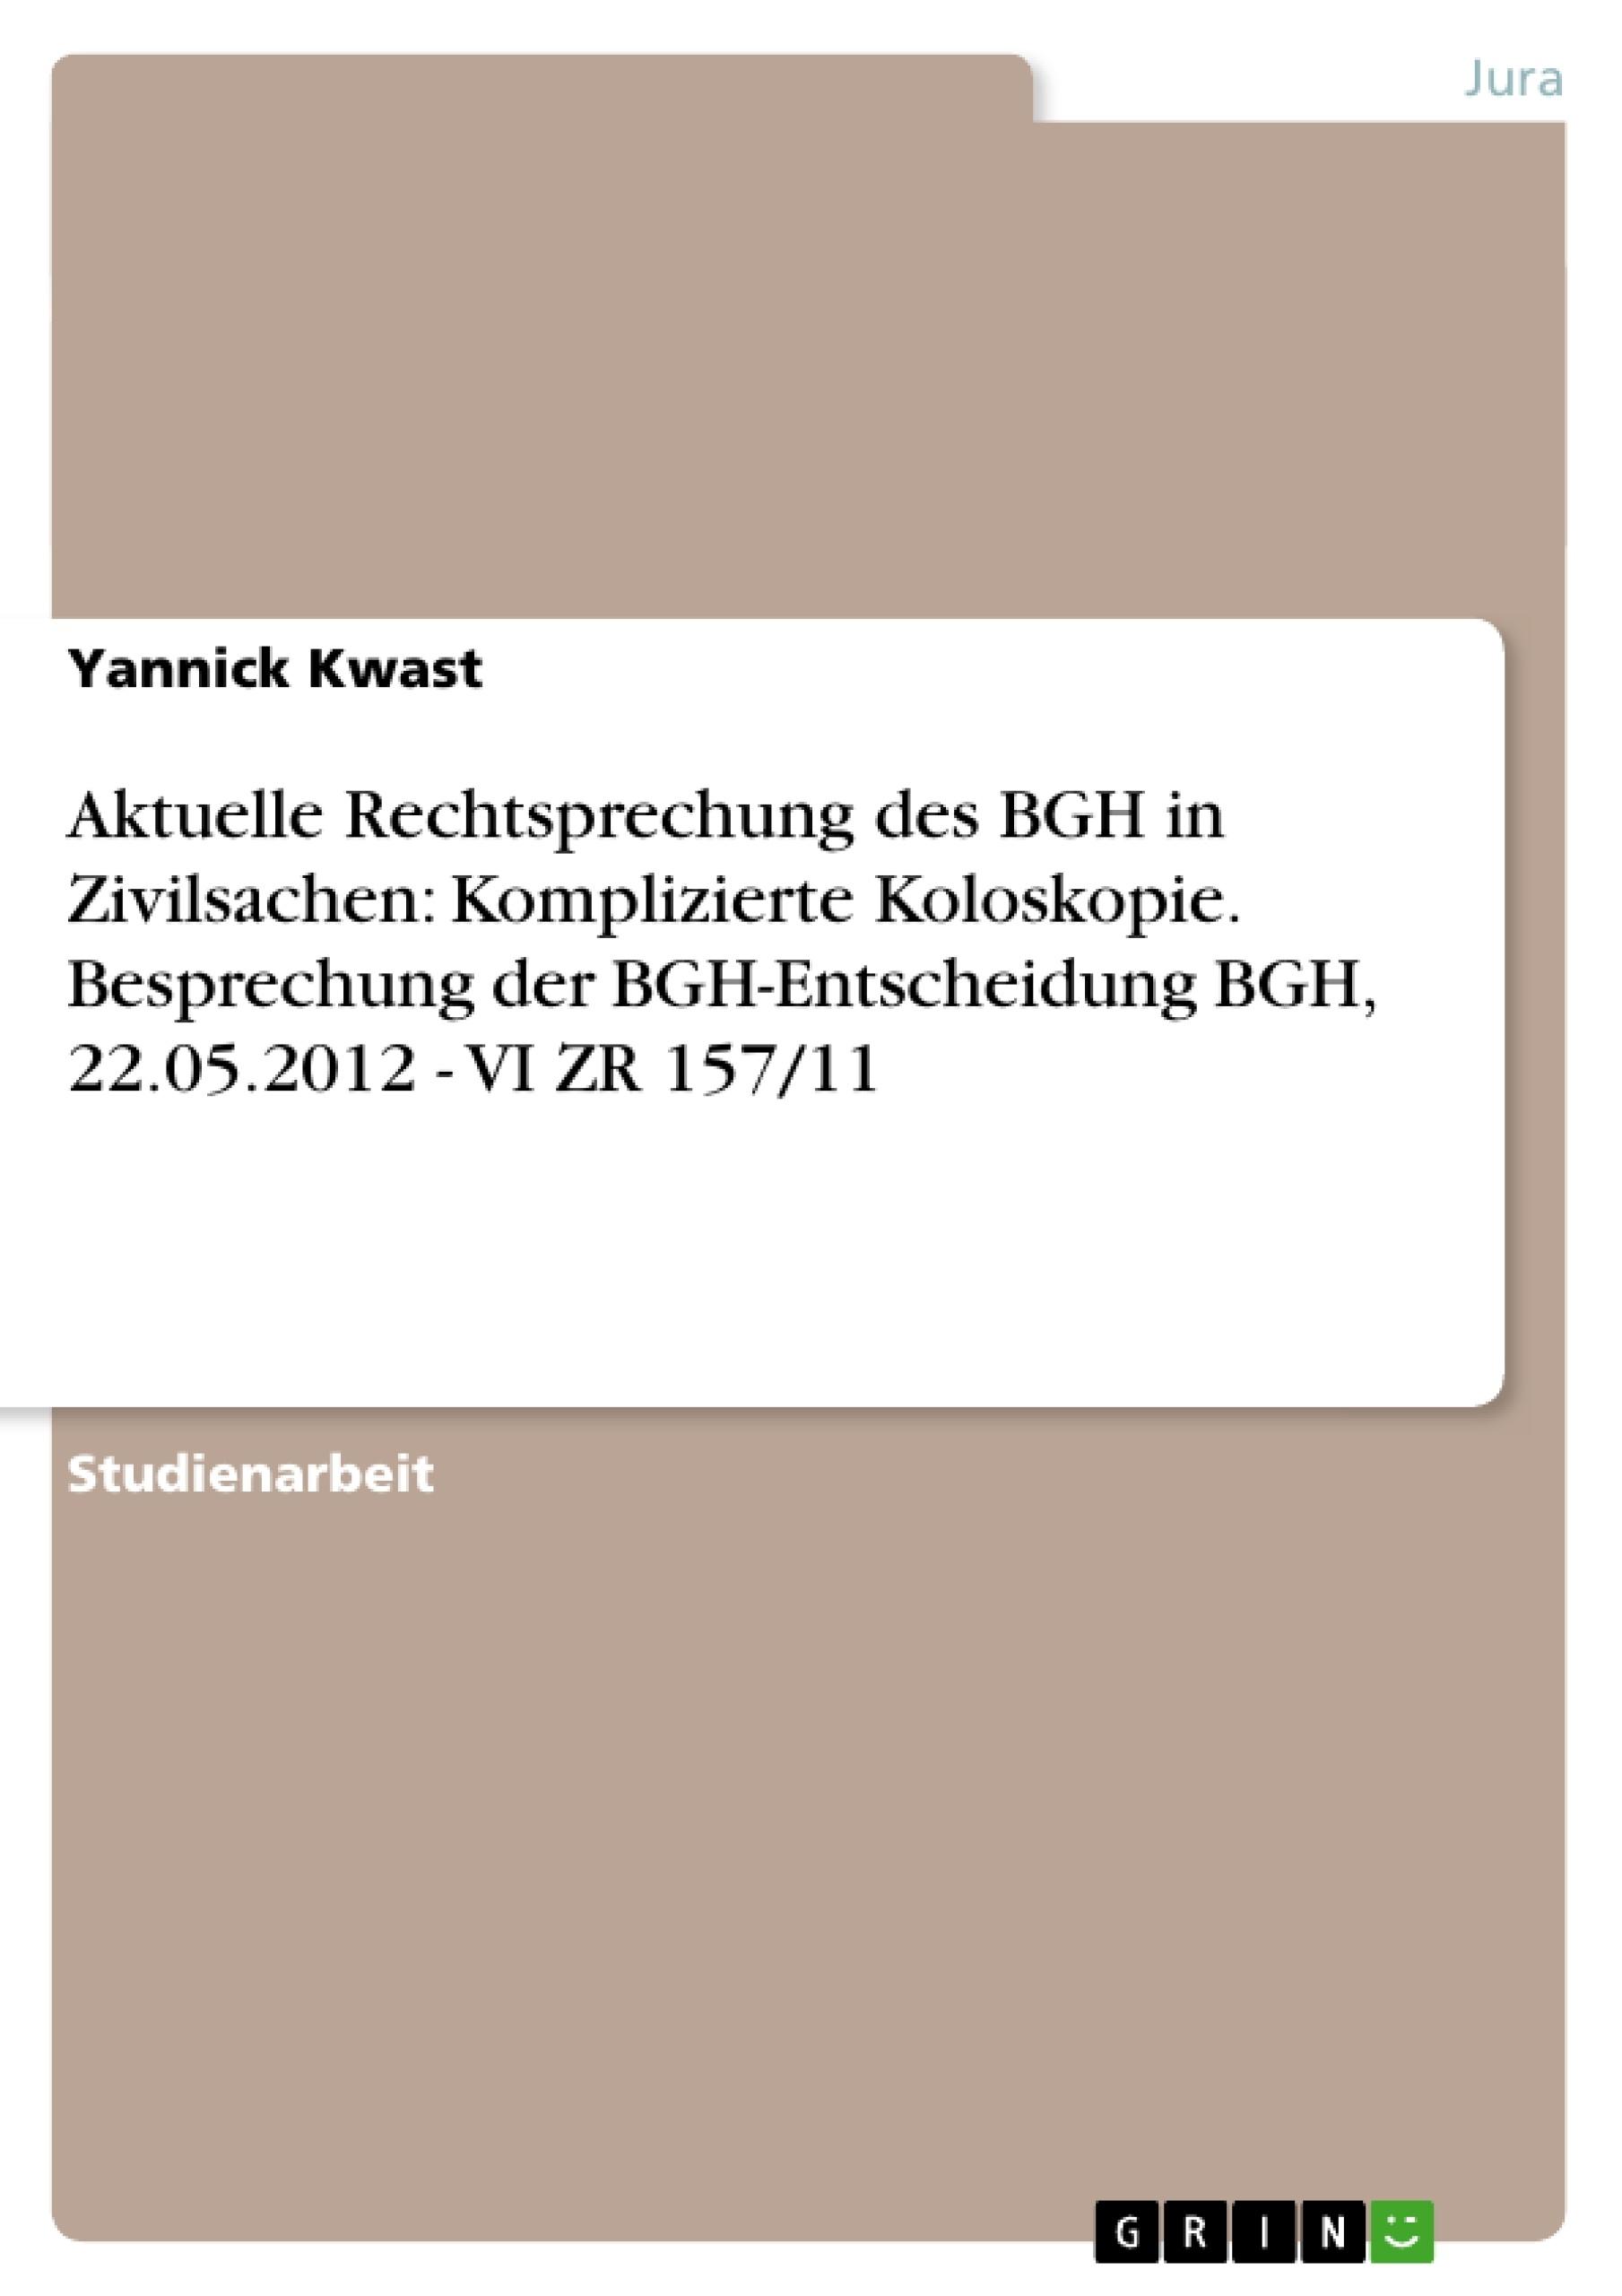 Titel: Aktuelle Rechtsprechung des BGH in Zivilsachen: Komplizierte Koloskopie. Besprechung der BGH-Entscheidung BGH, 22.05.2012 - VI ZR 157/11